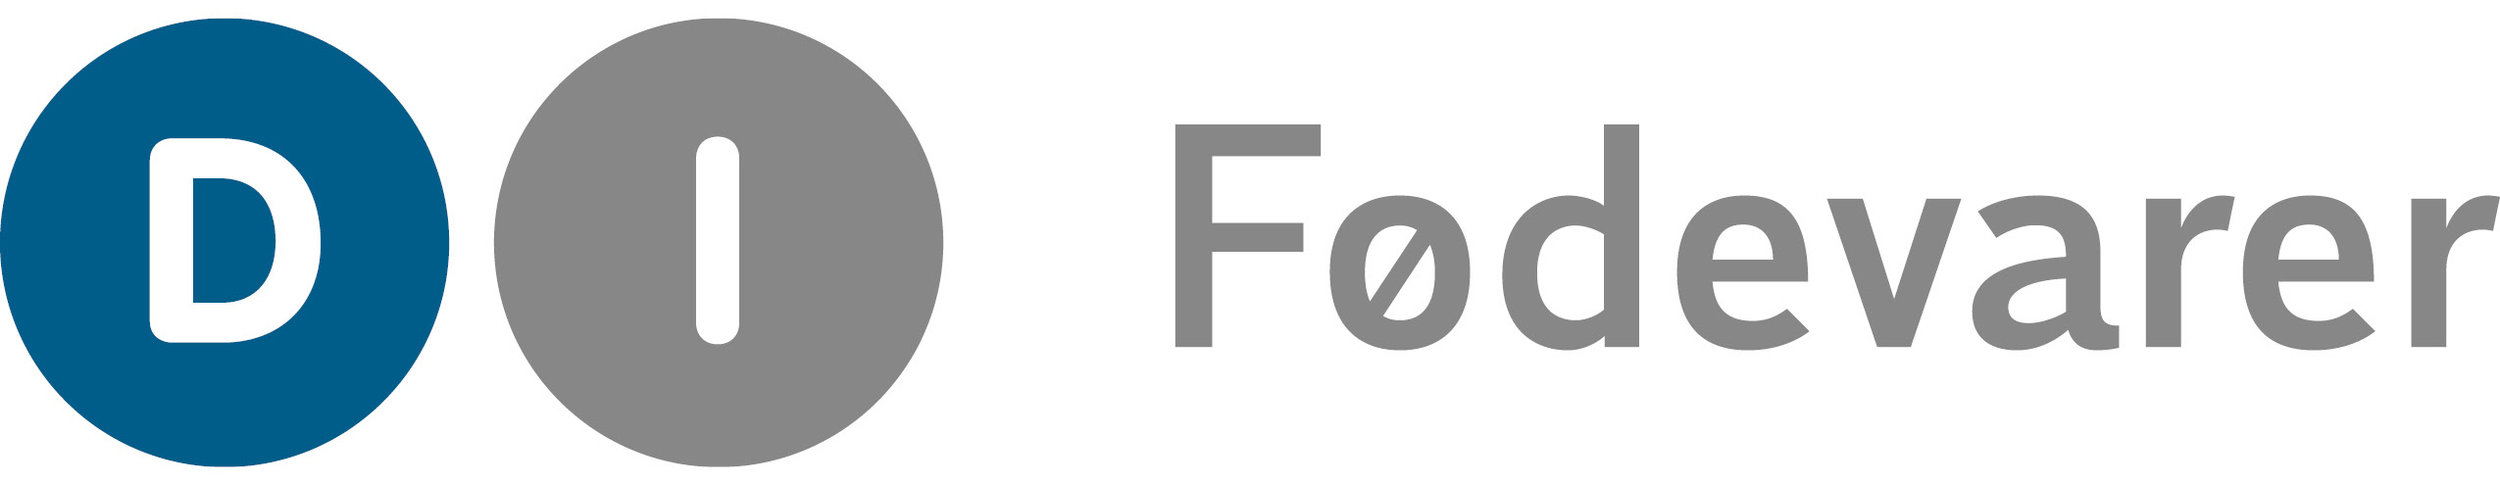 DI-Fødevarer.jpg